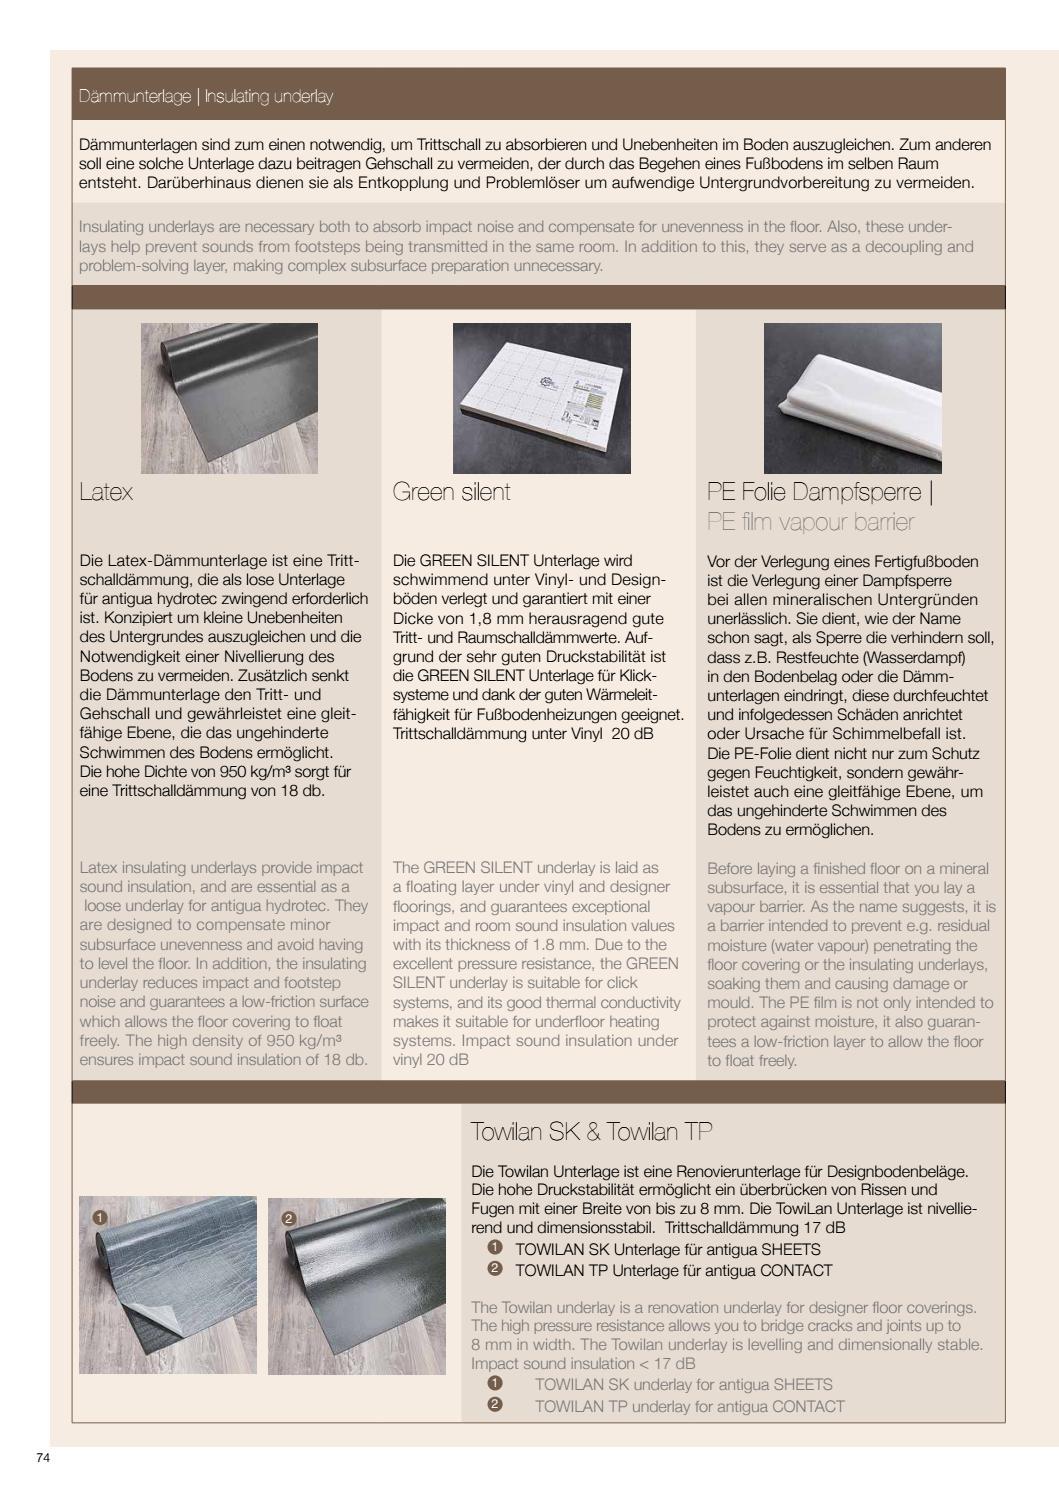 vinylboden kwg antigua prospekt tomwood ag by tomwood ag. Black Bedroom Furniture Sets. Home Design Ideas